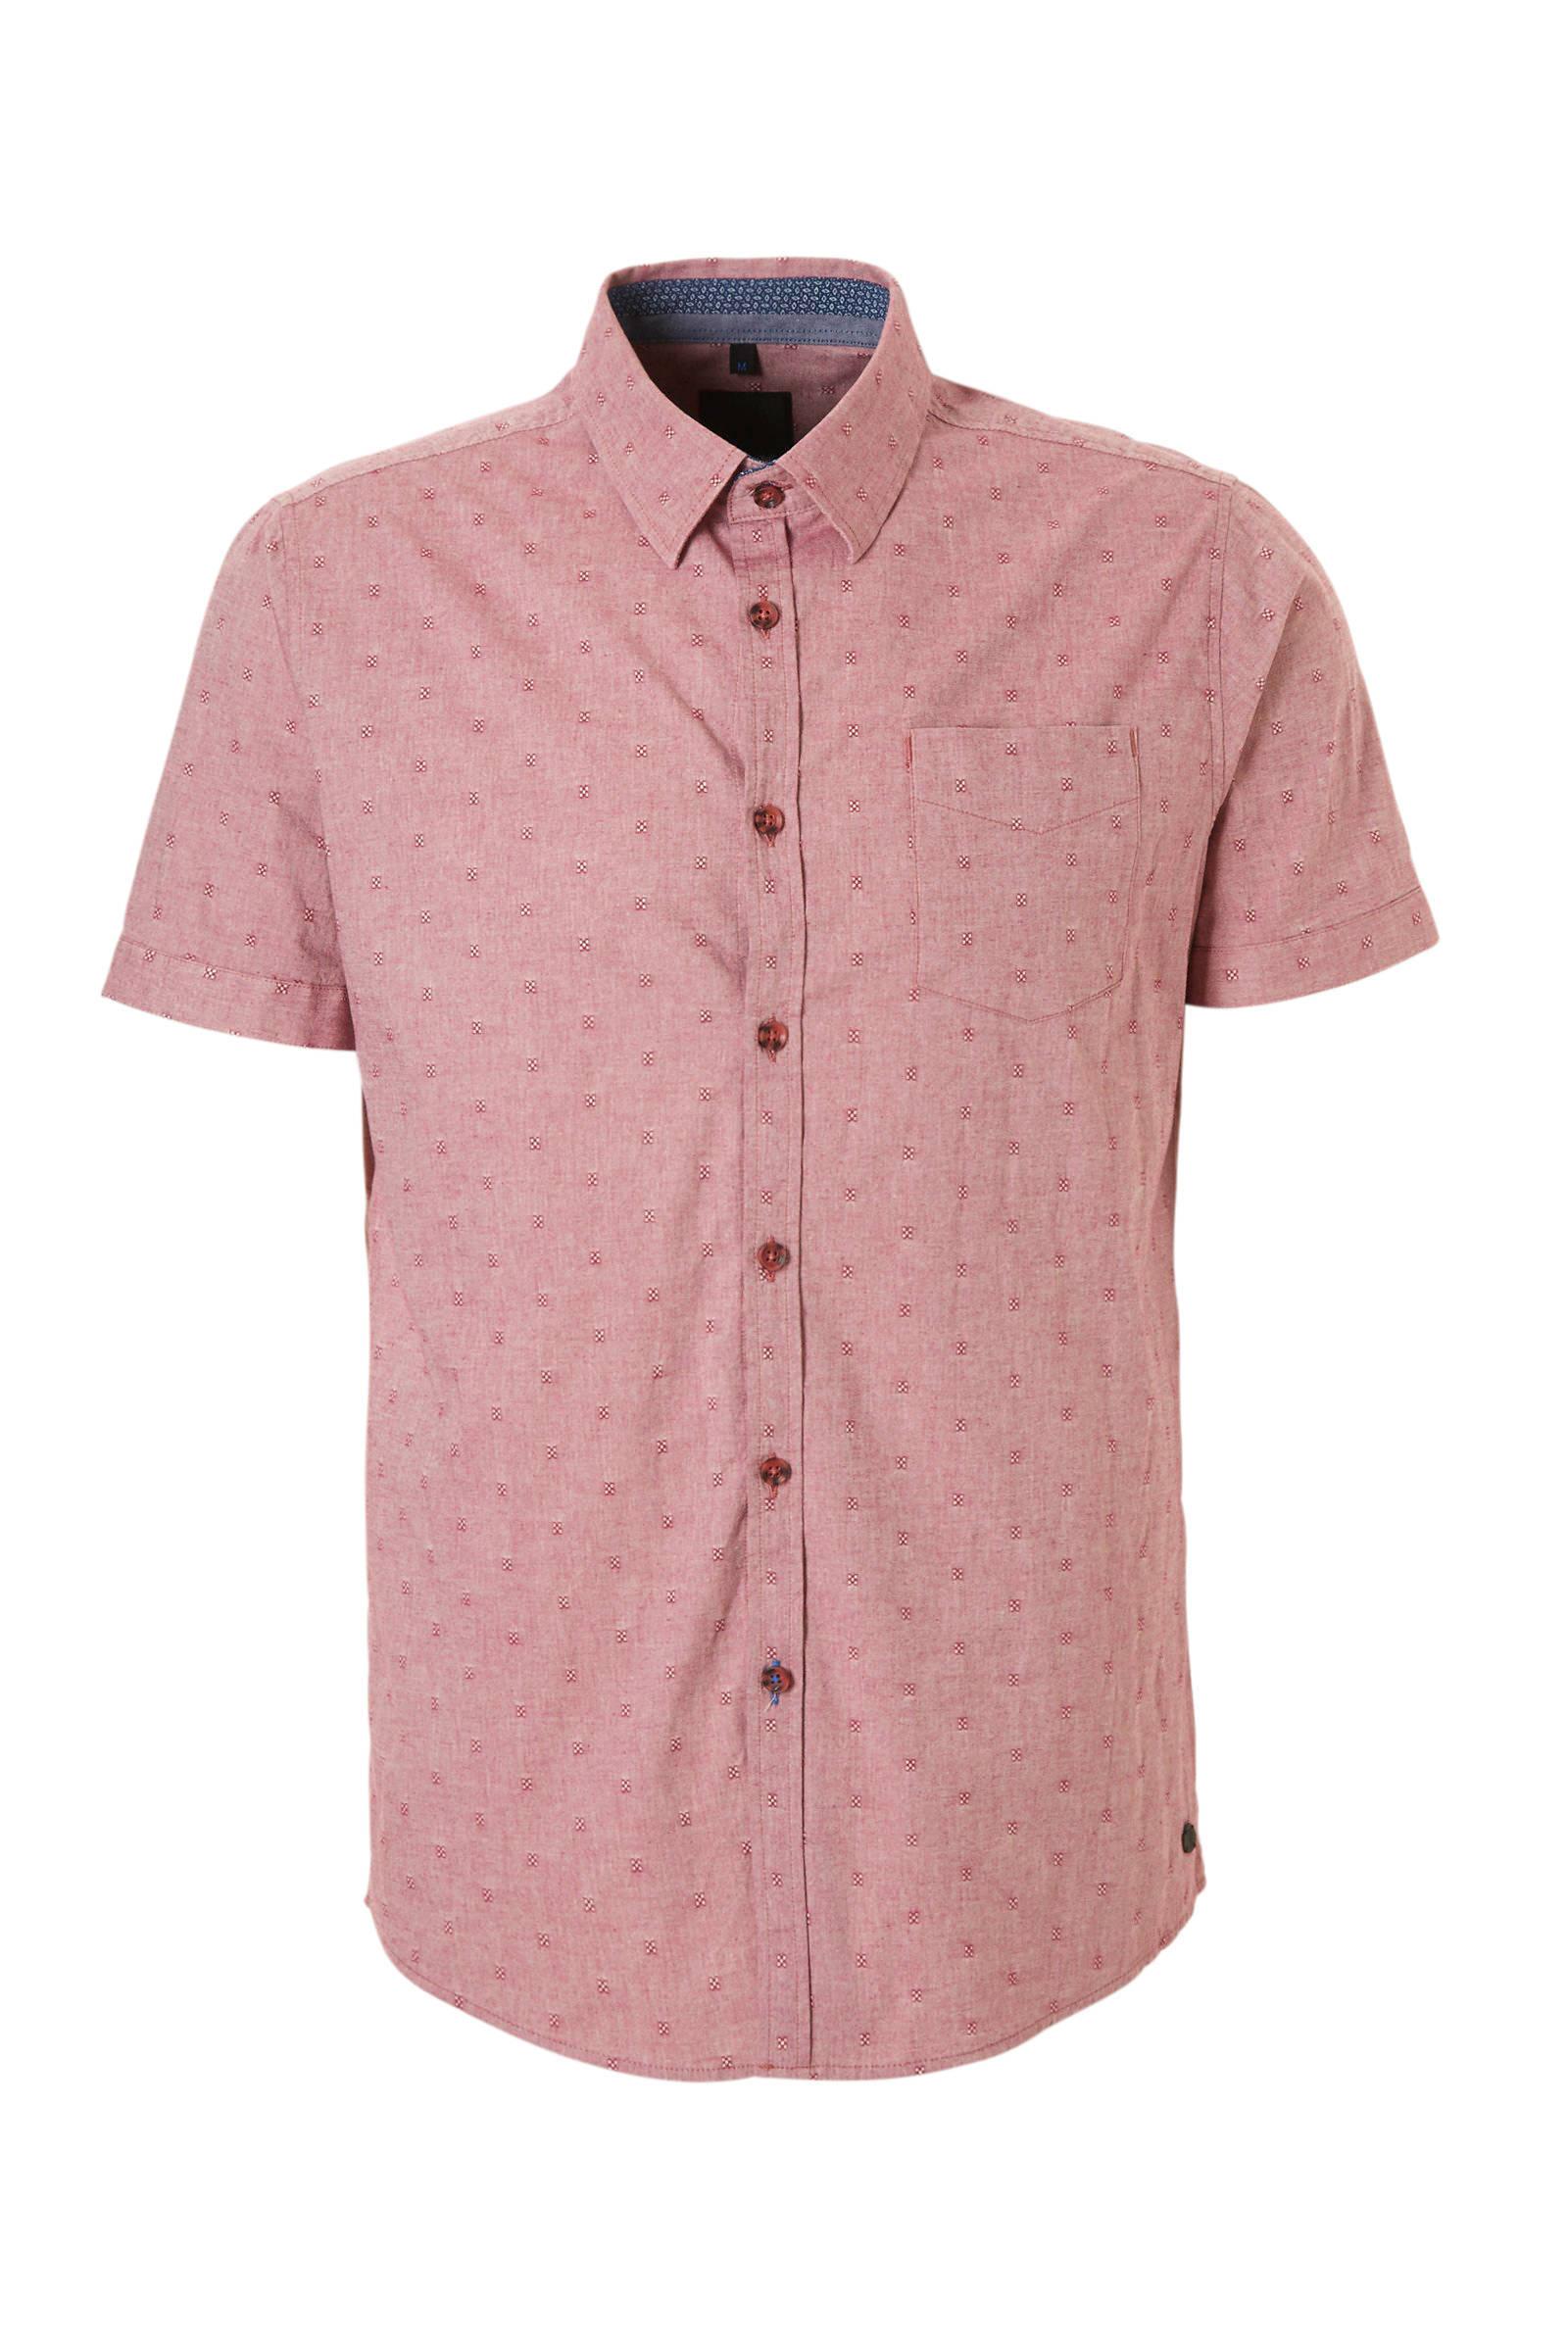 Met Korting Korte Met AanbiedingOverhemd AanbiedingOverhemd MouwenHuismerk Korte MouwenHuismerk sdthQrCx